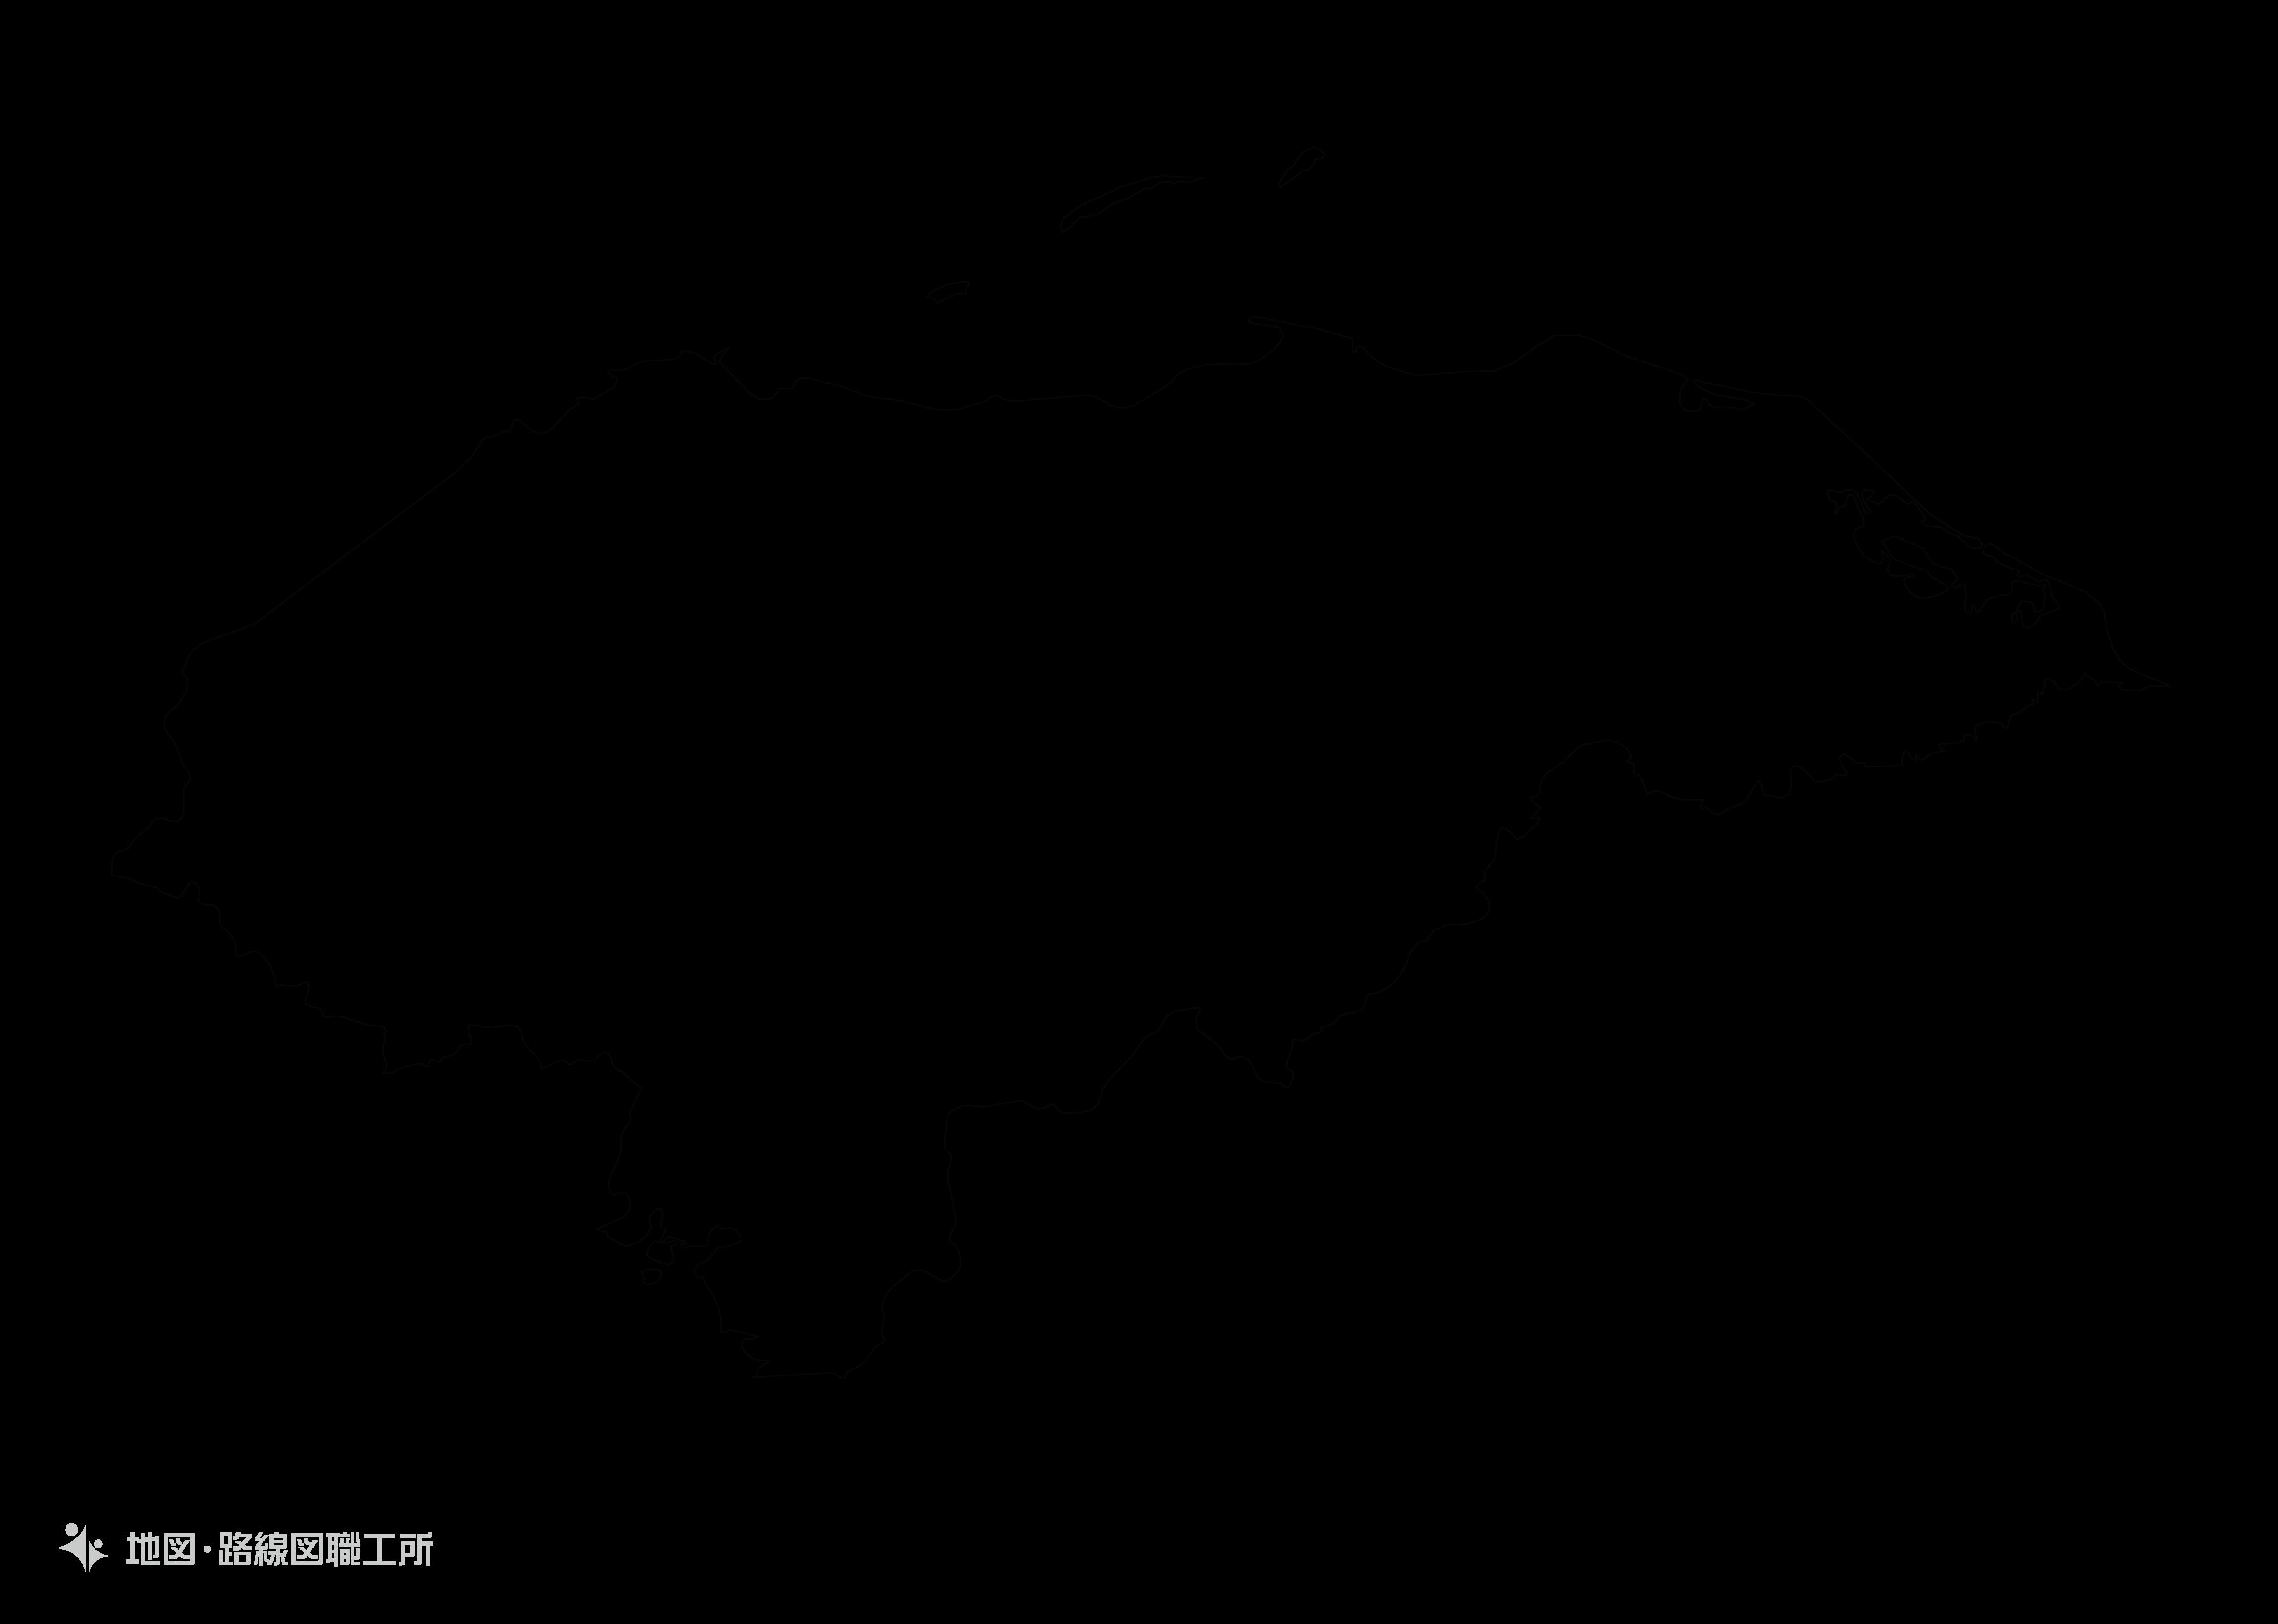 世界の白地図 ホンジュラス共和国 republic-of-honduras map